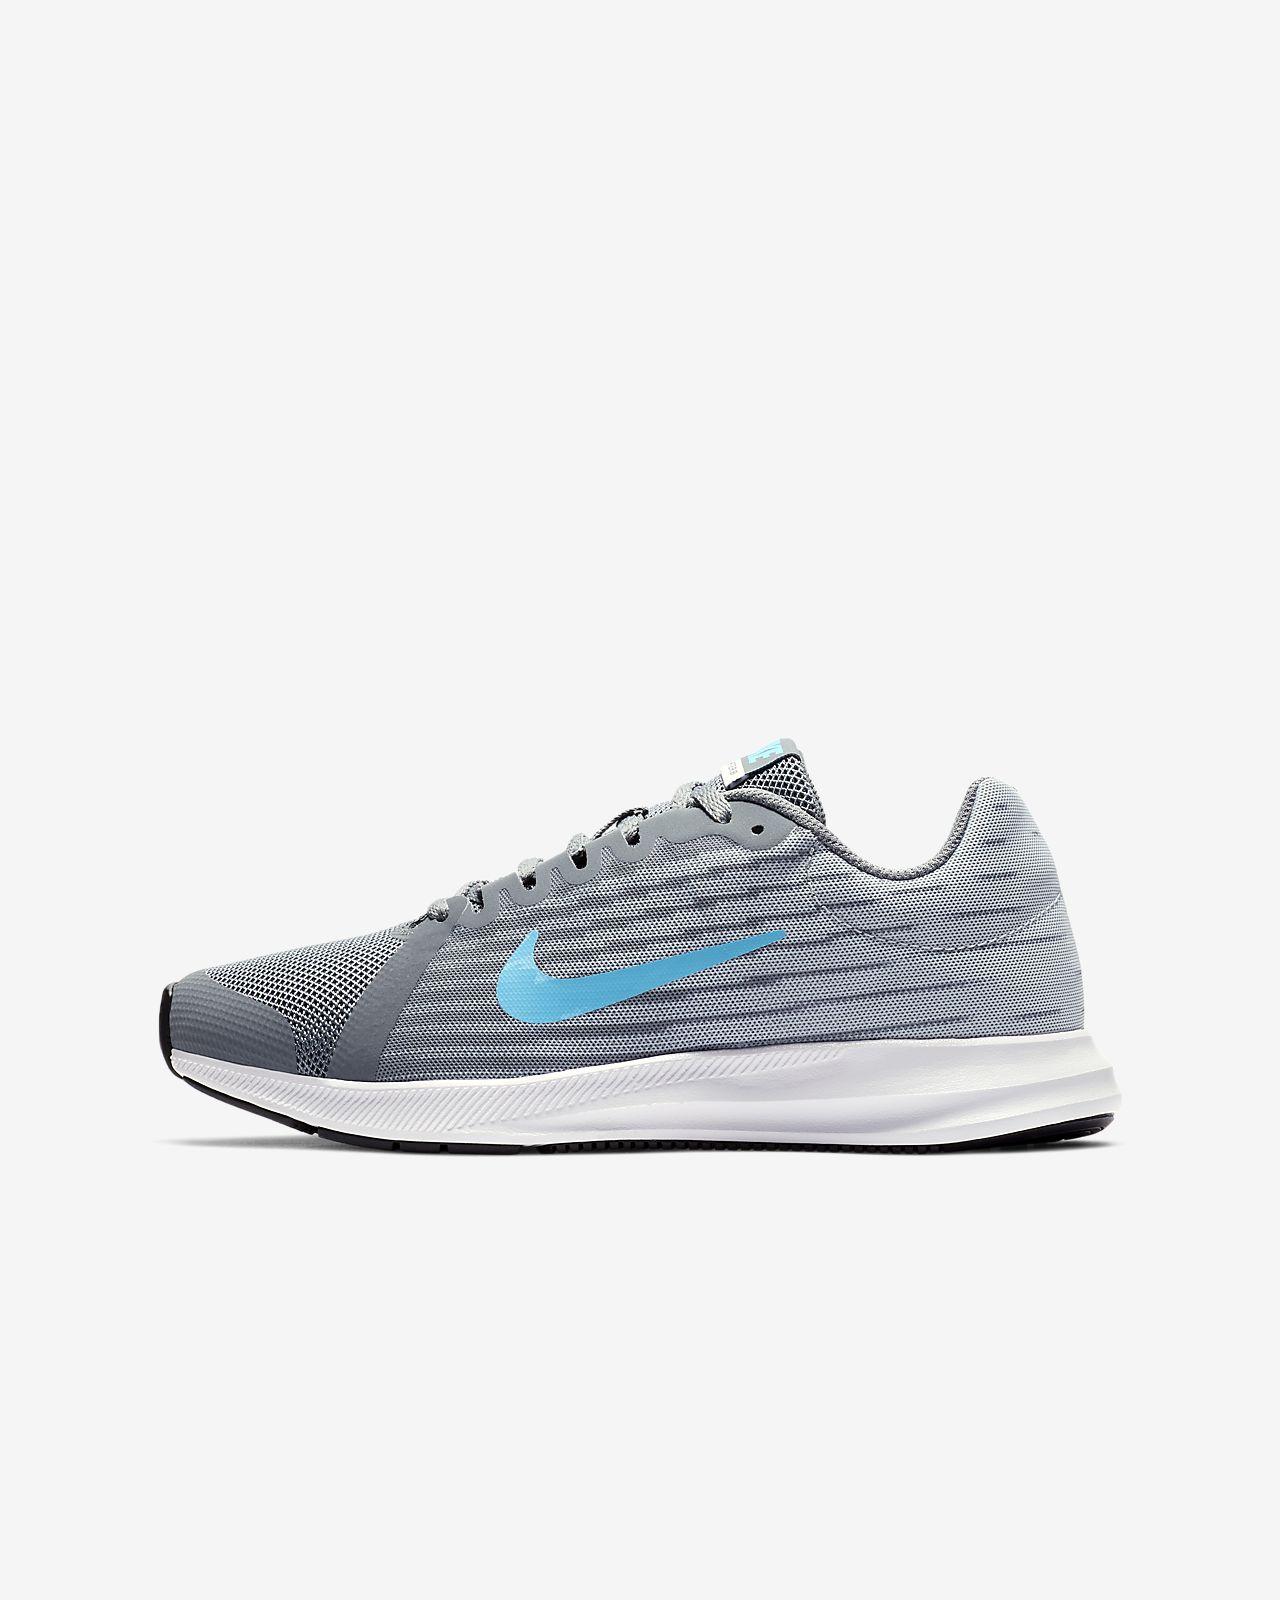 Downshifter De 8 Nike Chaussure Enfant Plus Âgé Running Pour zwvxqSOR